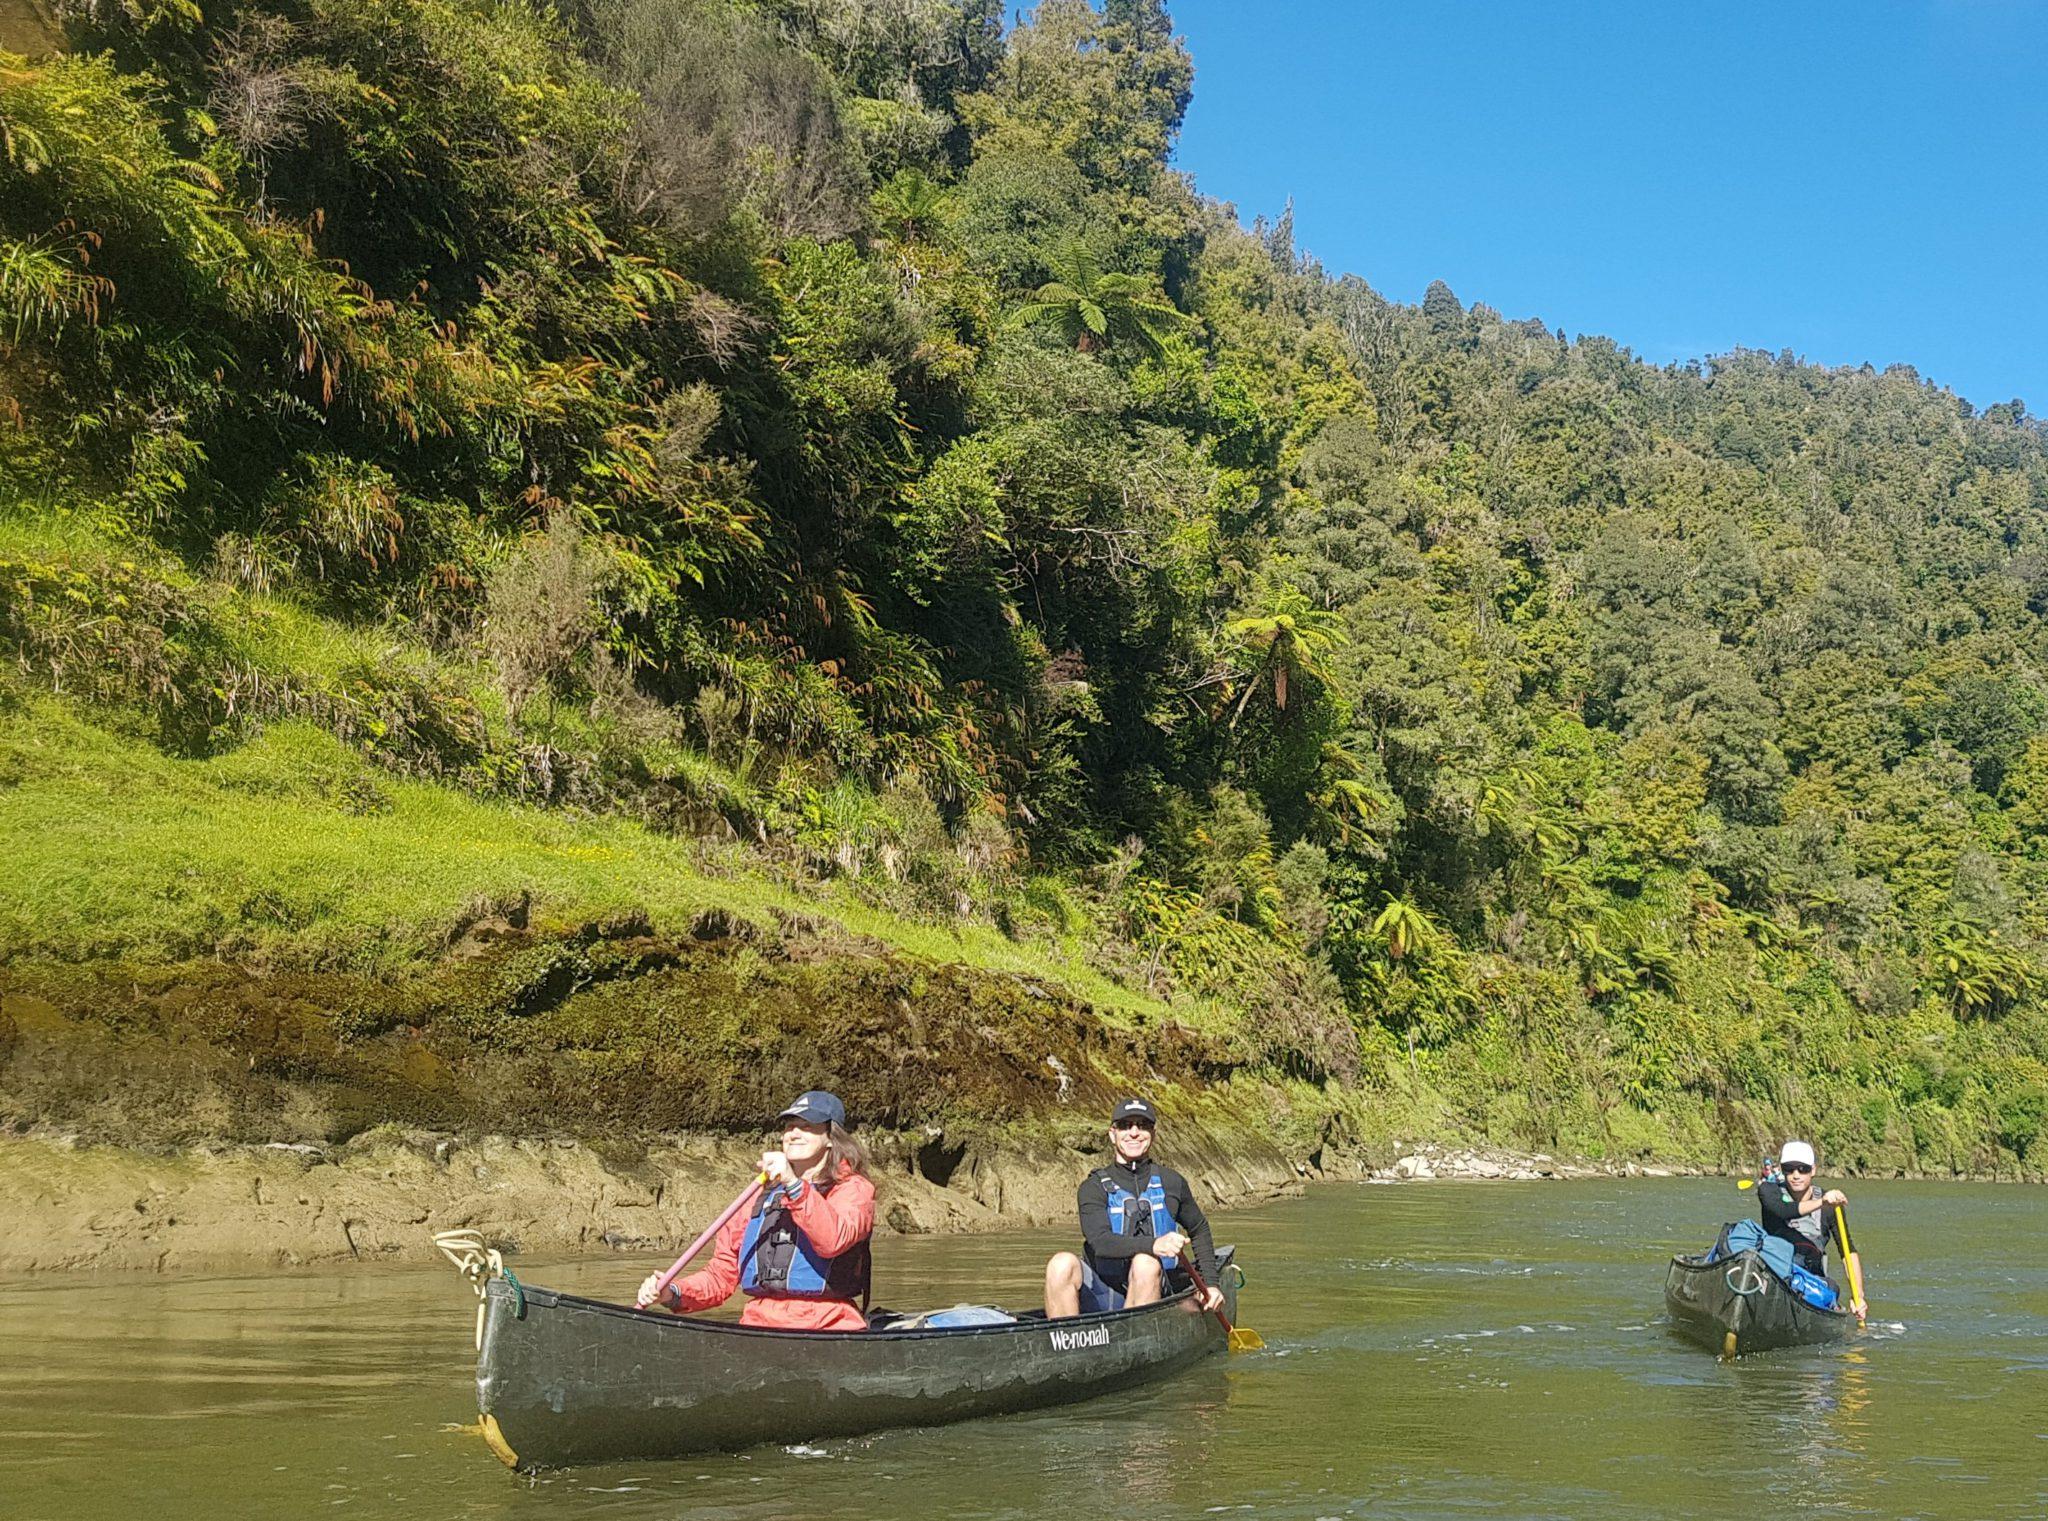 Canoe Safari New Zealand: Whanganui River tour